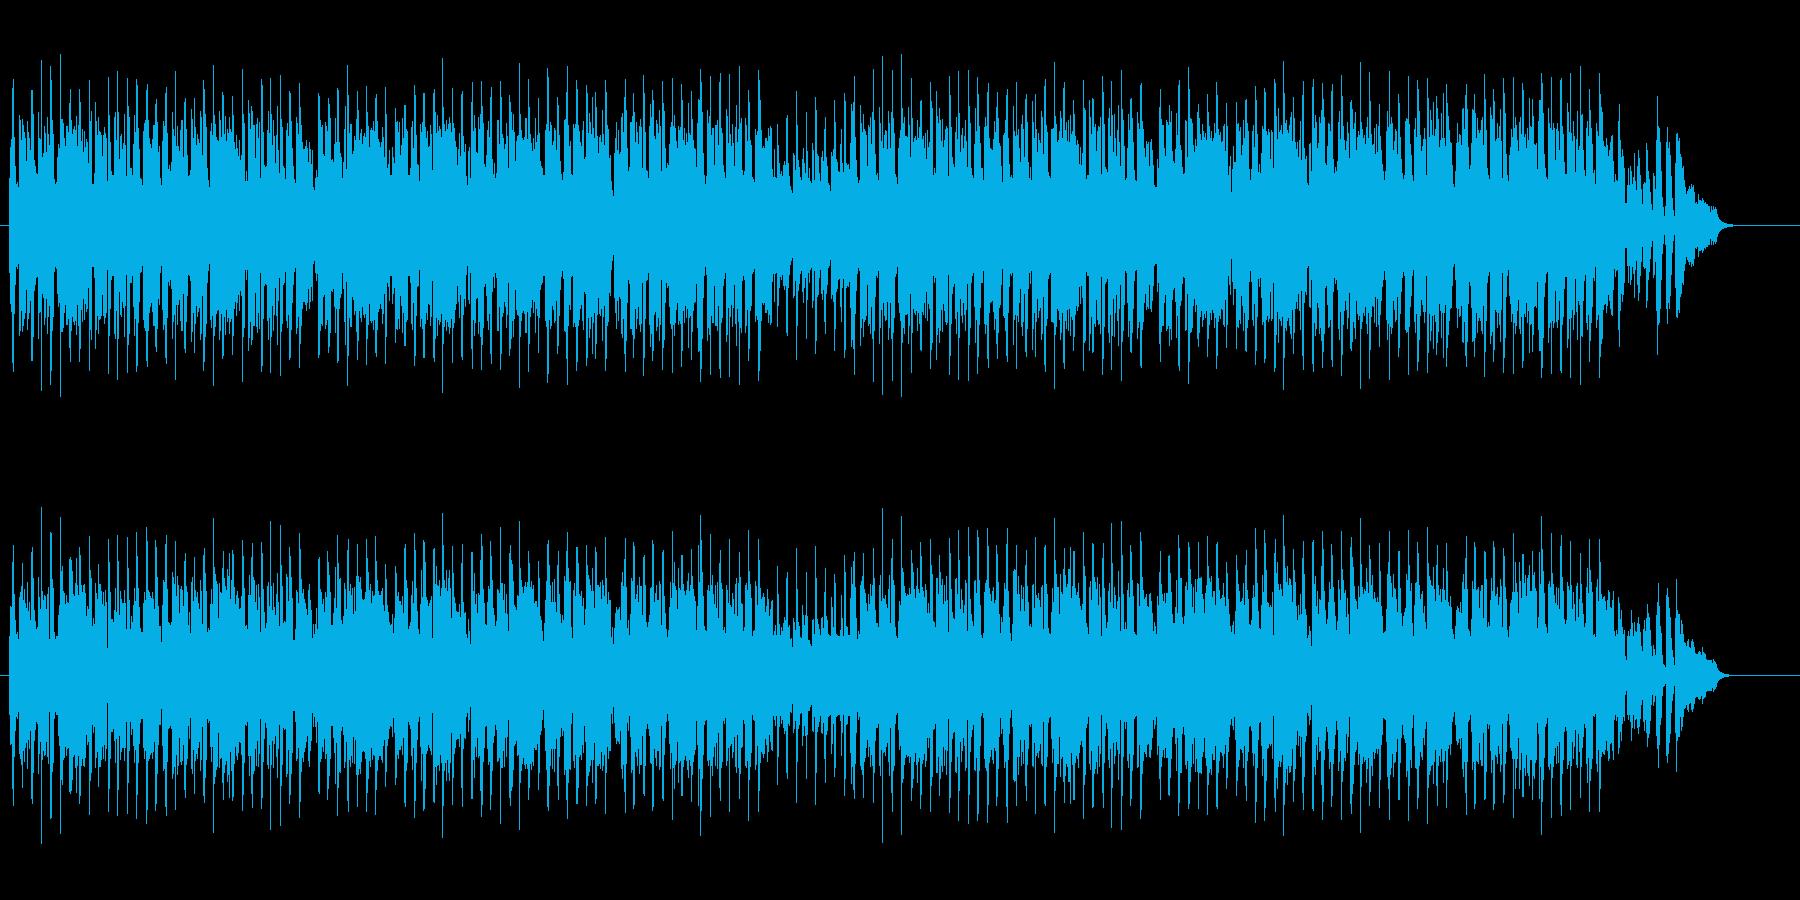 トコトコ歩きたい口笛曲の再生済みの波形